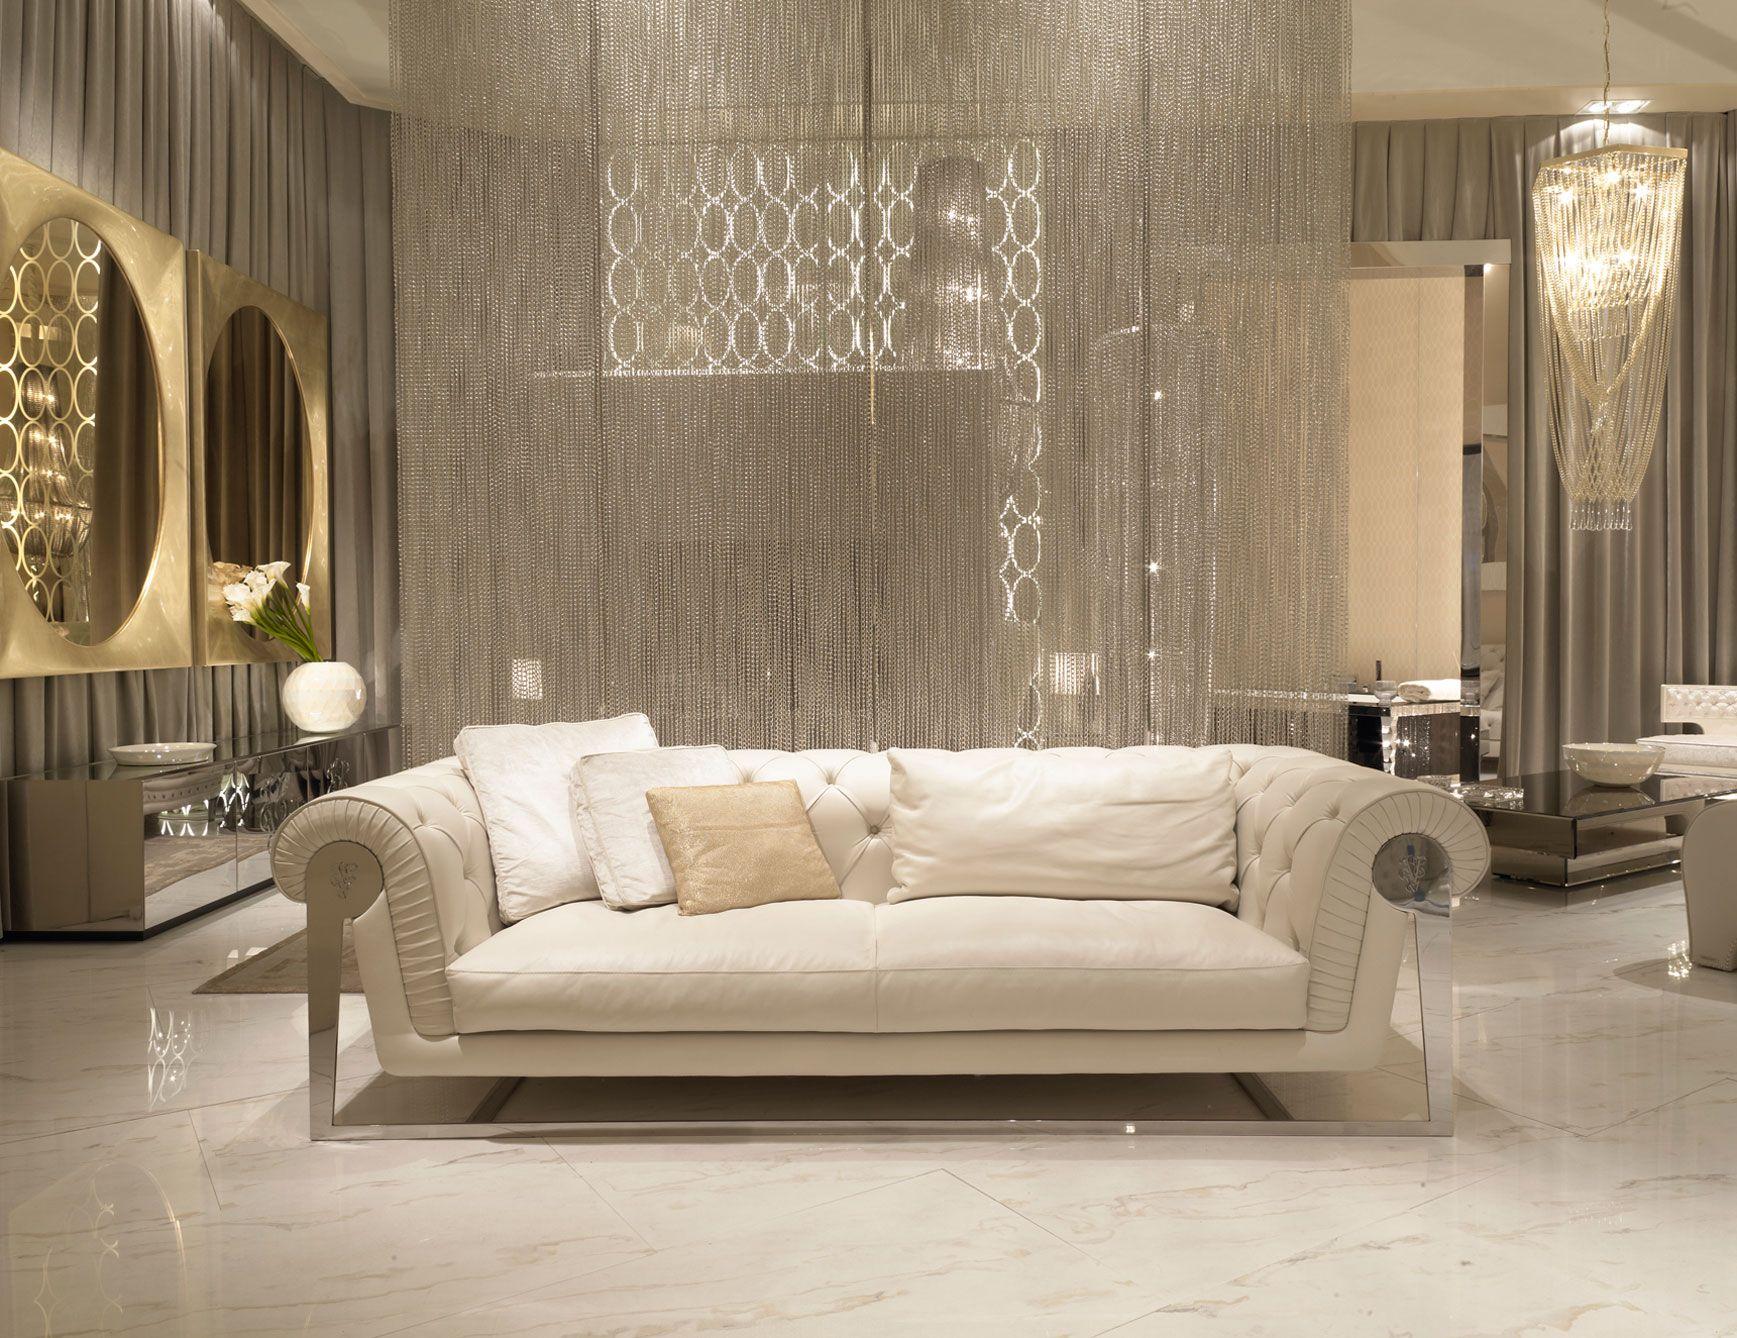 Luxury Sofas Luxury Interior Sofa Design Hollywood Interior Design